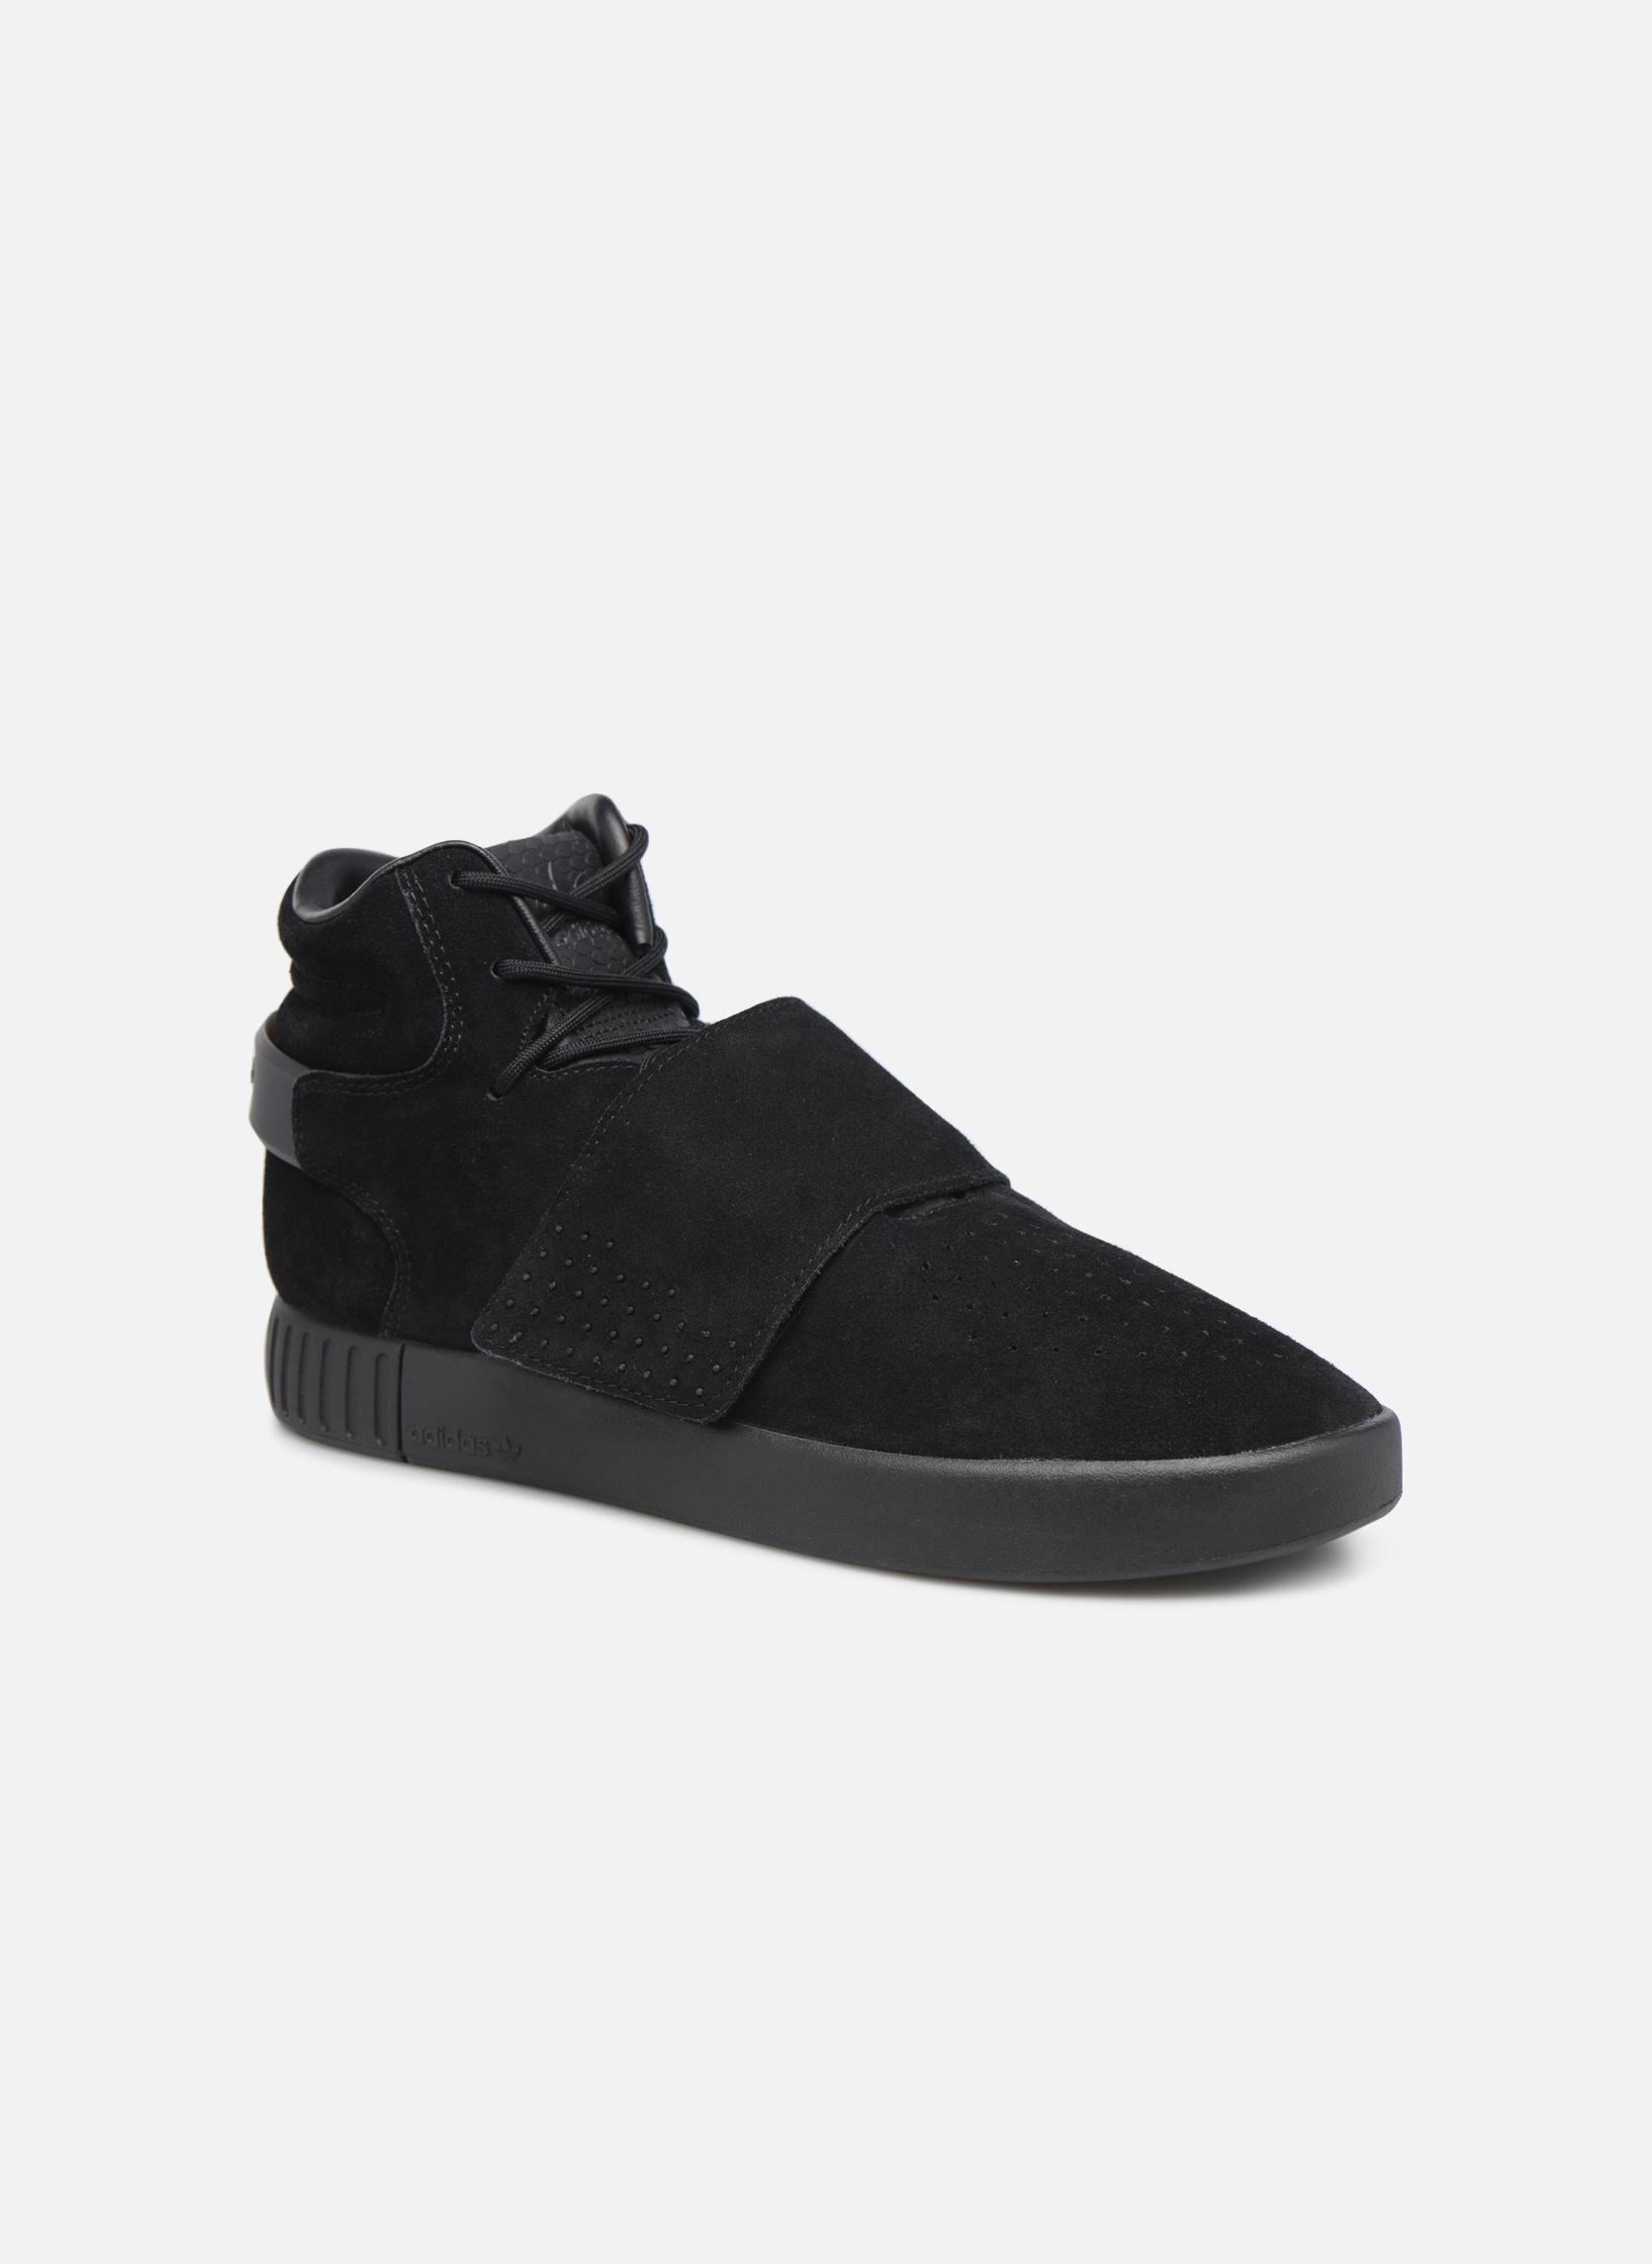 Baskets Adidas Originals Tubular Invader Strap Noir vue détail/paire